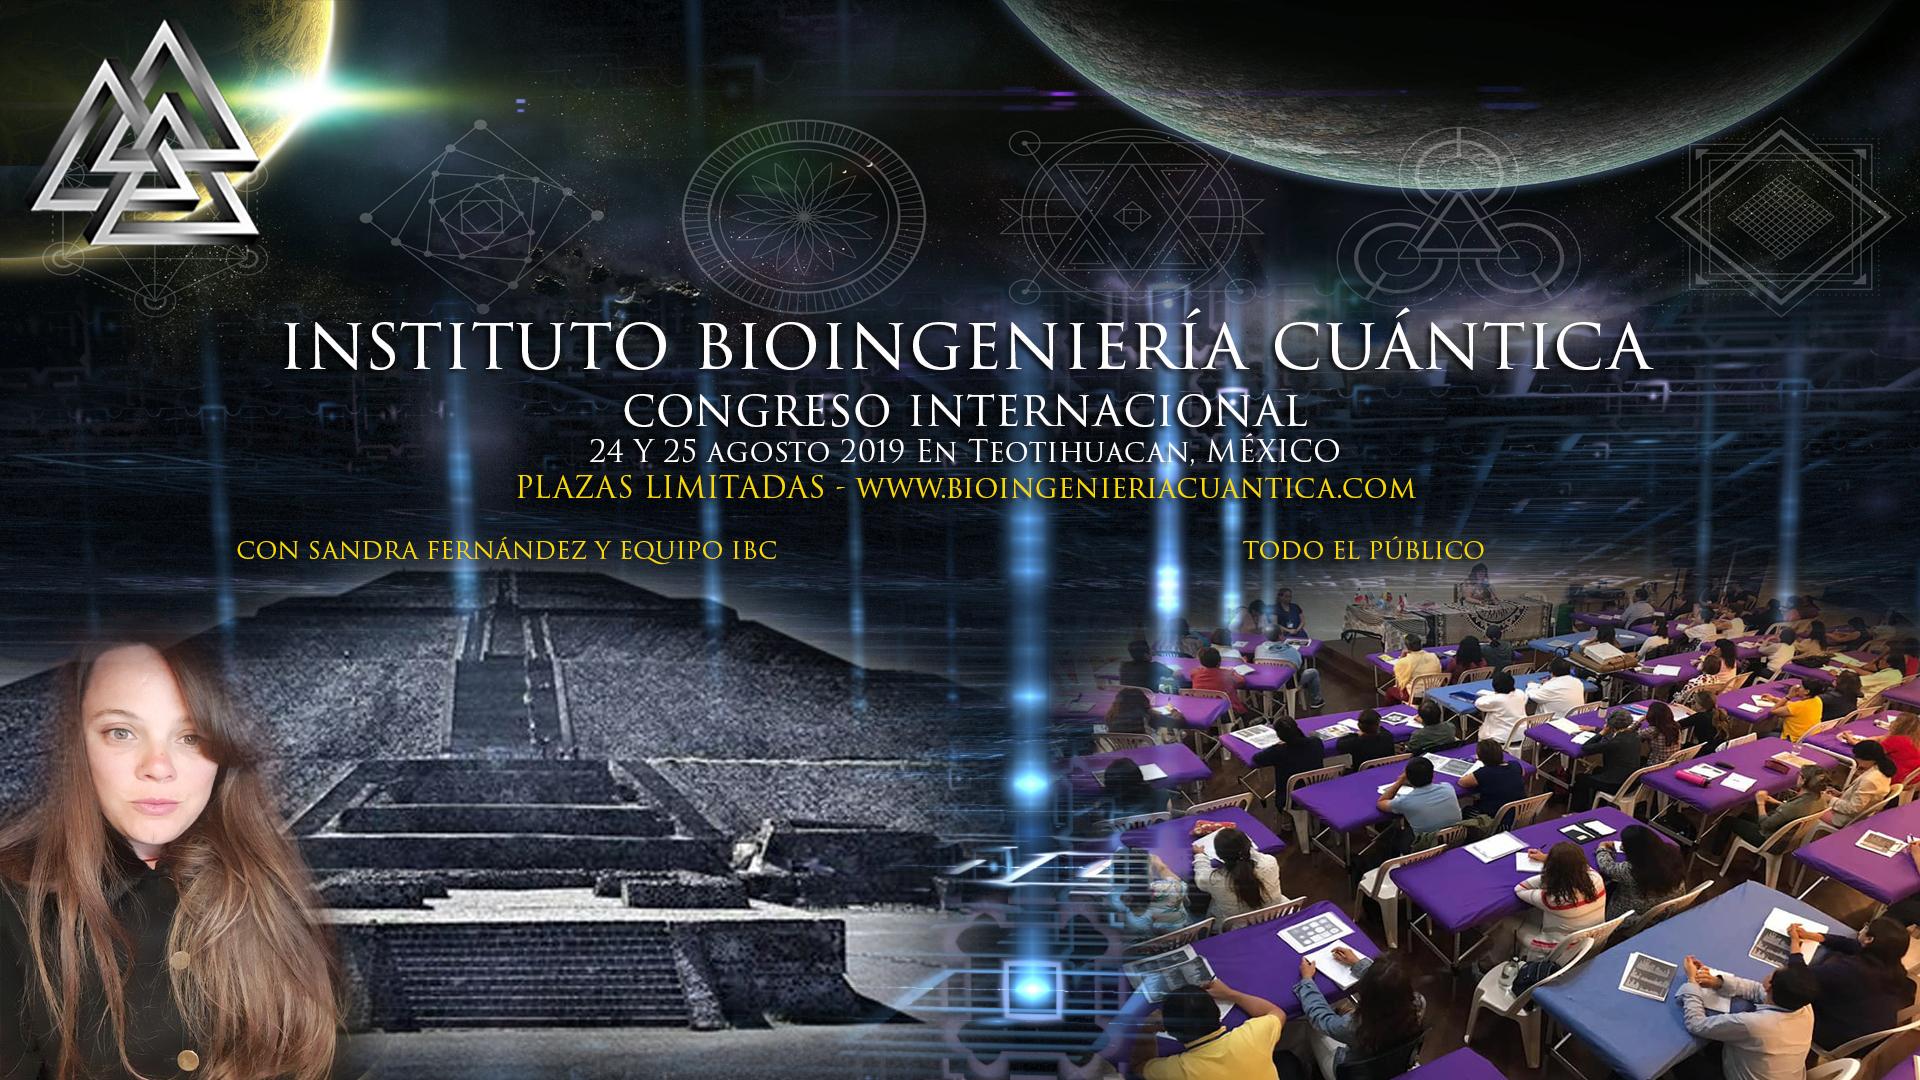 Congreso Internacional Bioingeniería Cuántica con Sandra Fernández 24 y 25 de agosto 2019 en Teotihuacan MÉXICO